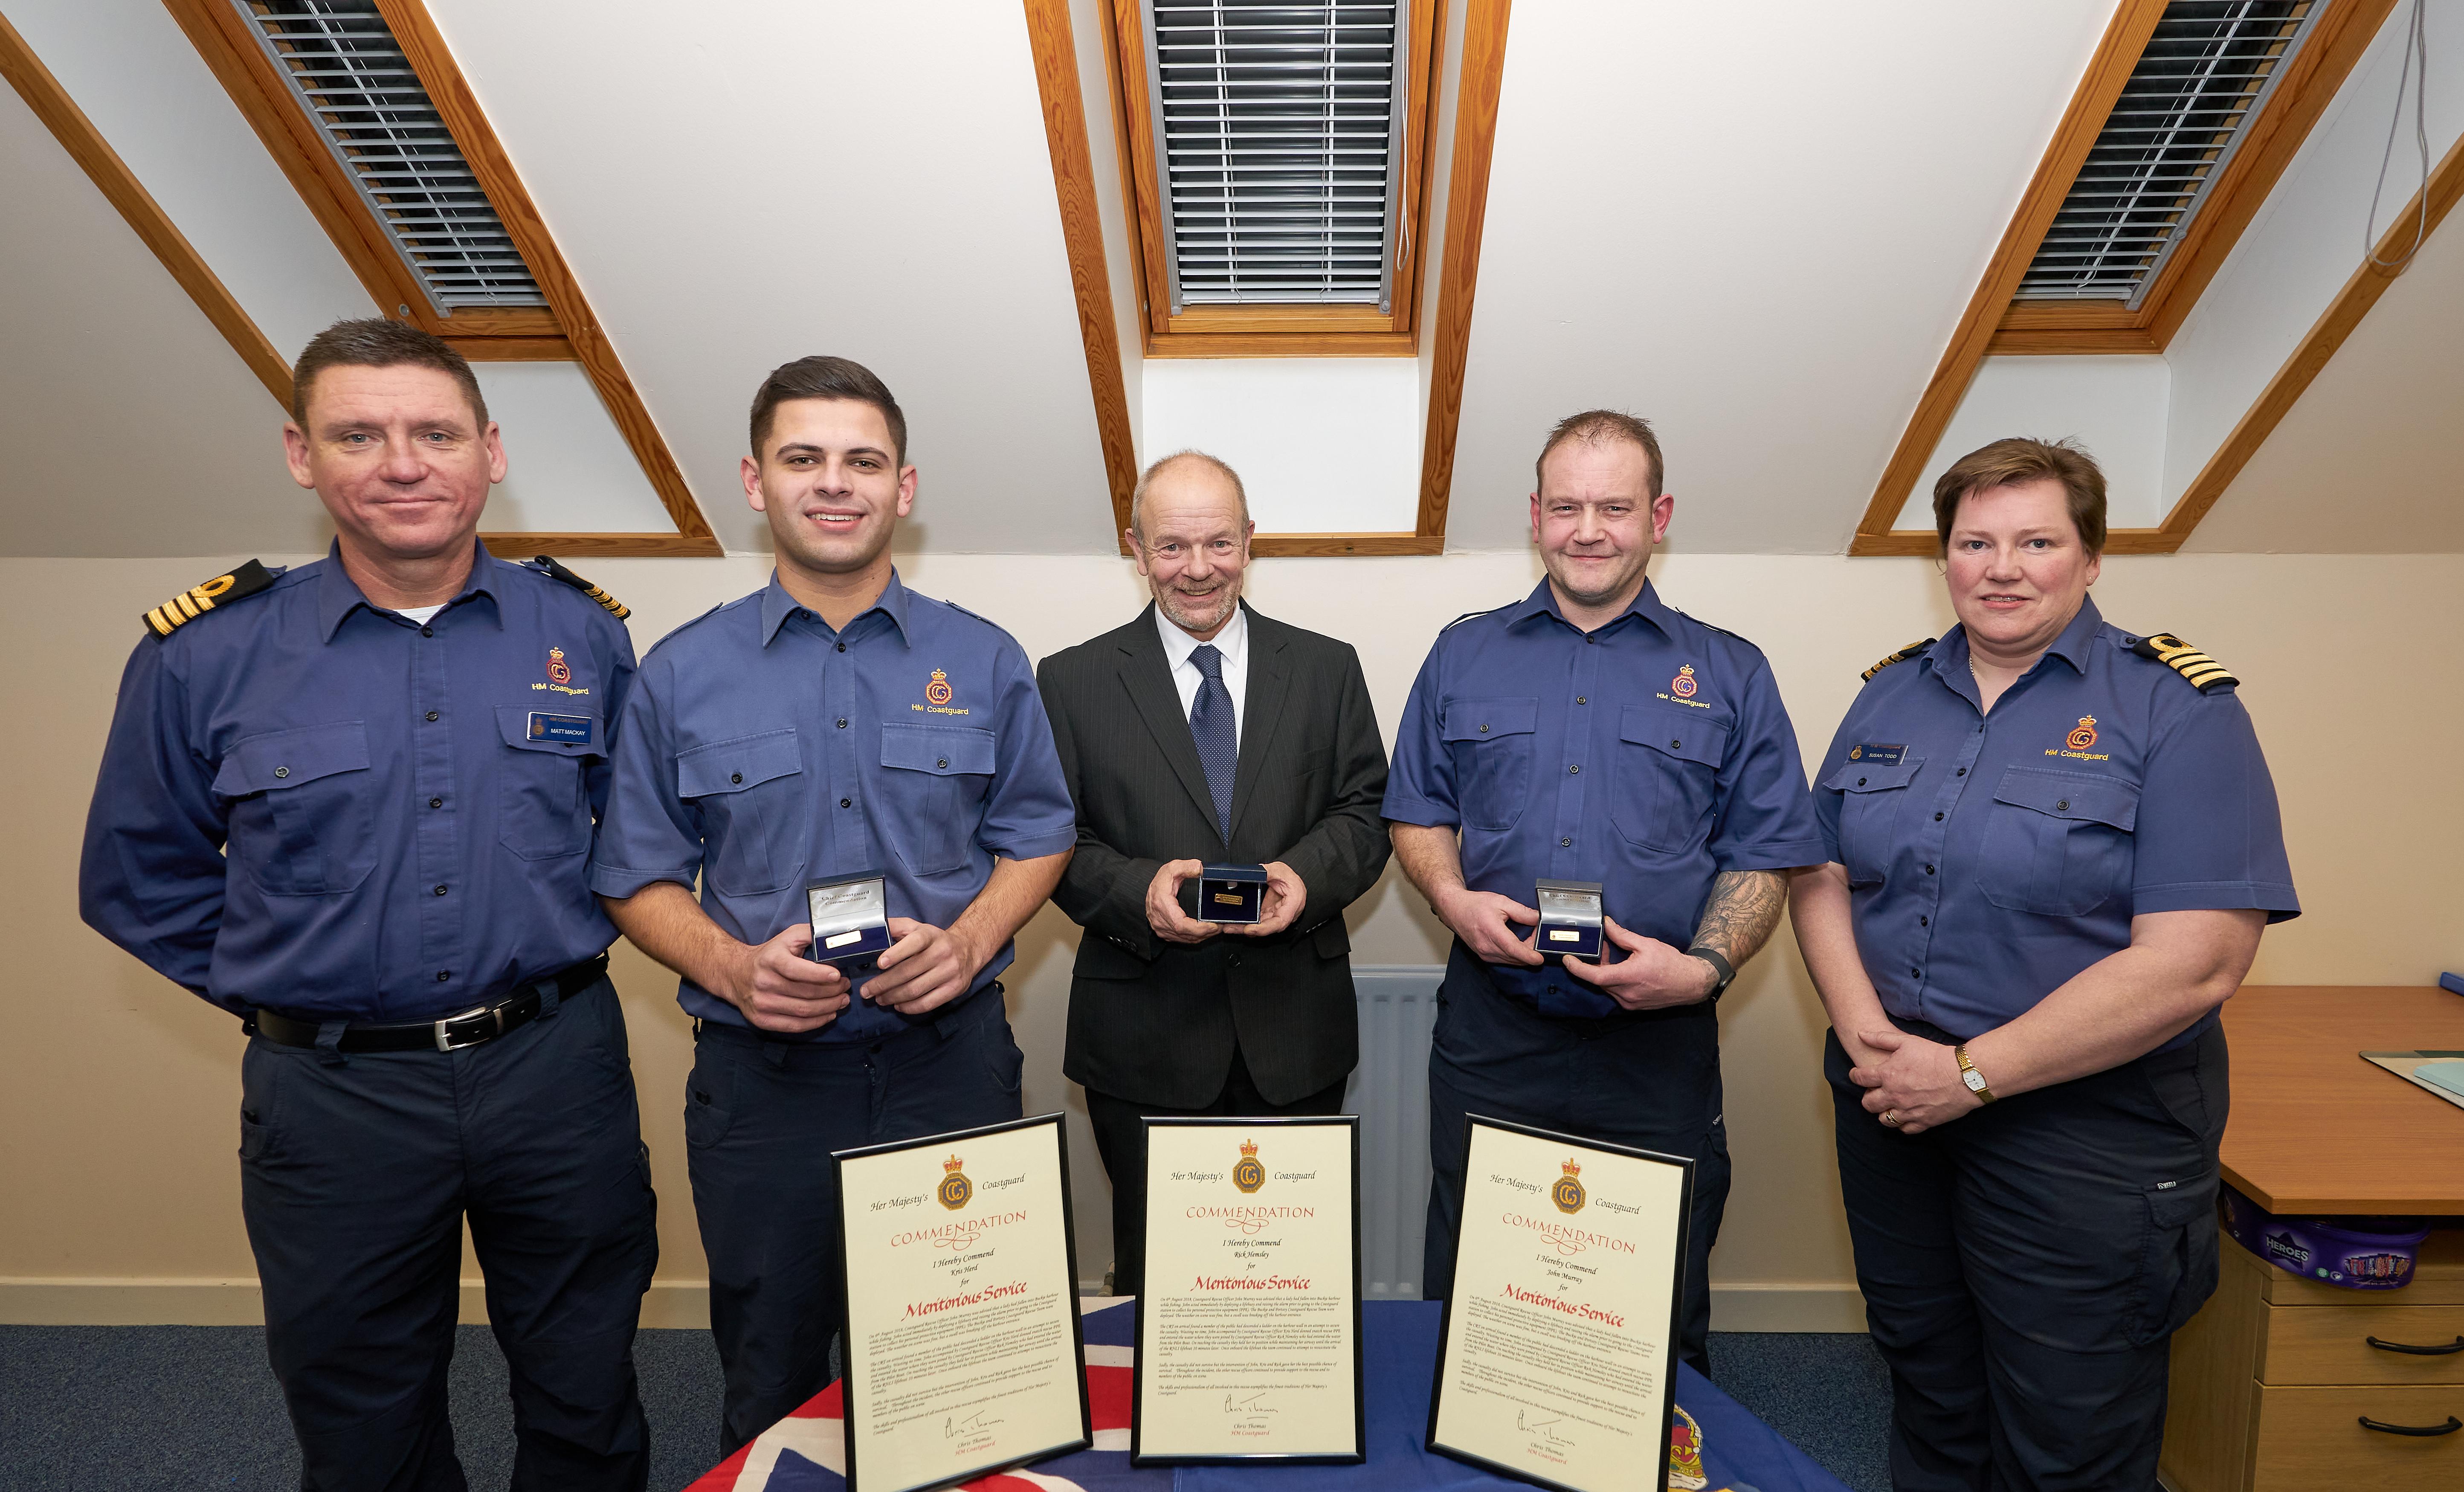 L-R - Matt Mackay, Divisional Commander, Kris Herd, Rick Hemsley, John Murray and Sue Todd, Divisional Commander.